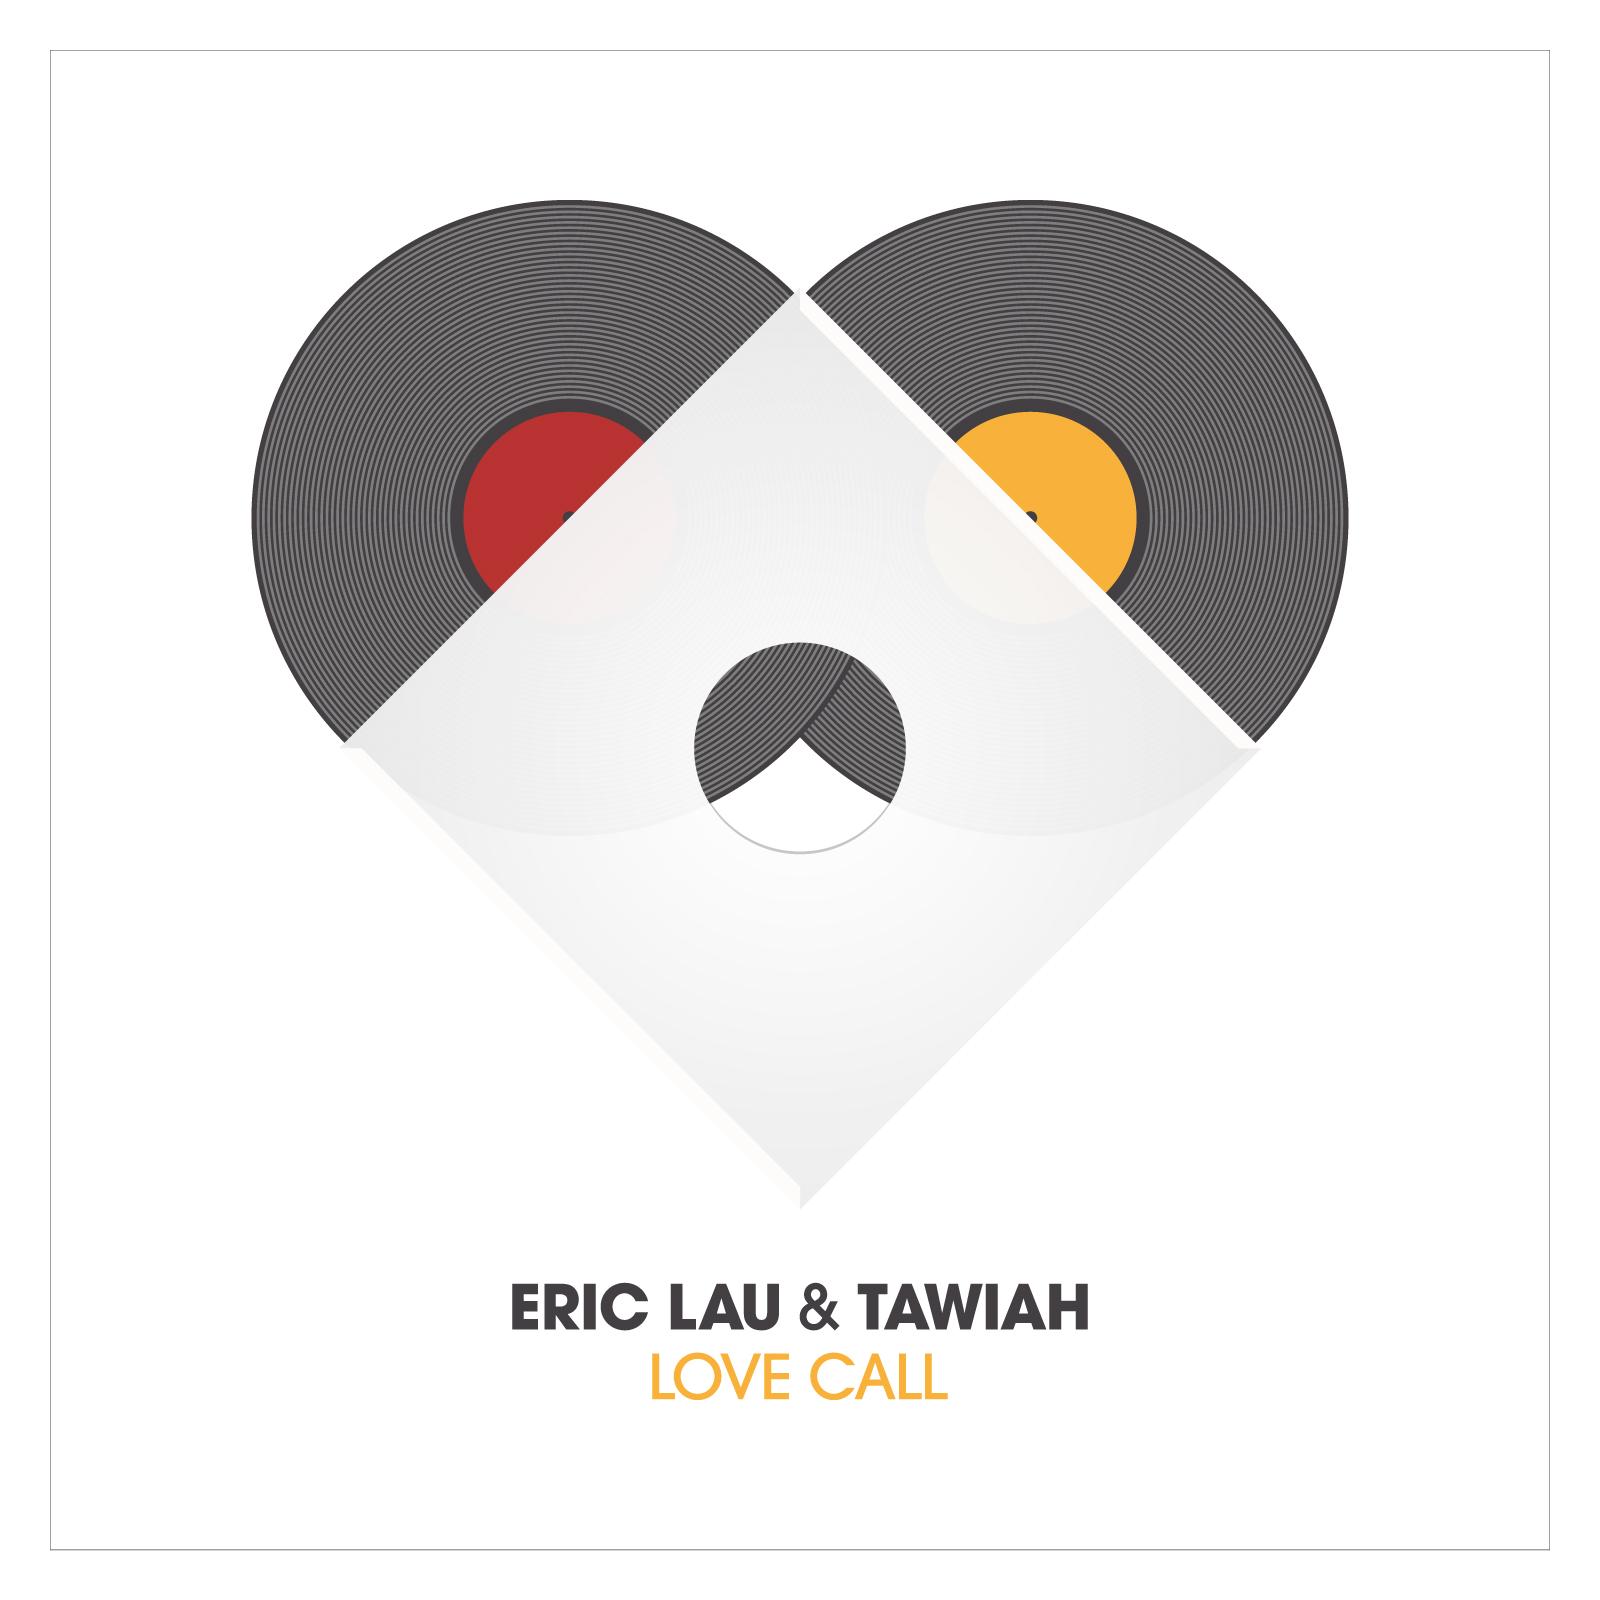 Eric Lau & Tawiah – Favourite Truth feat. Kaidi Tatham